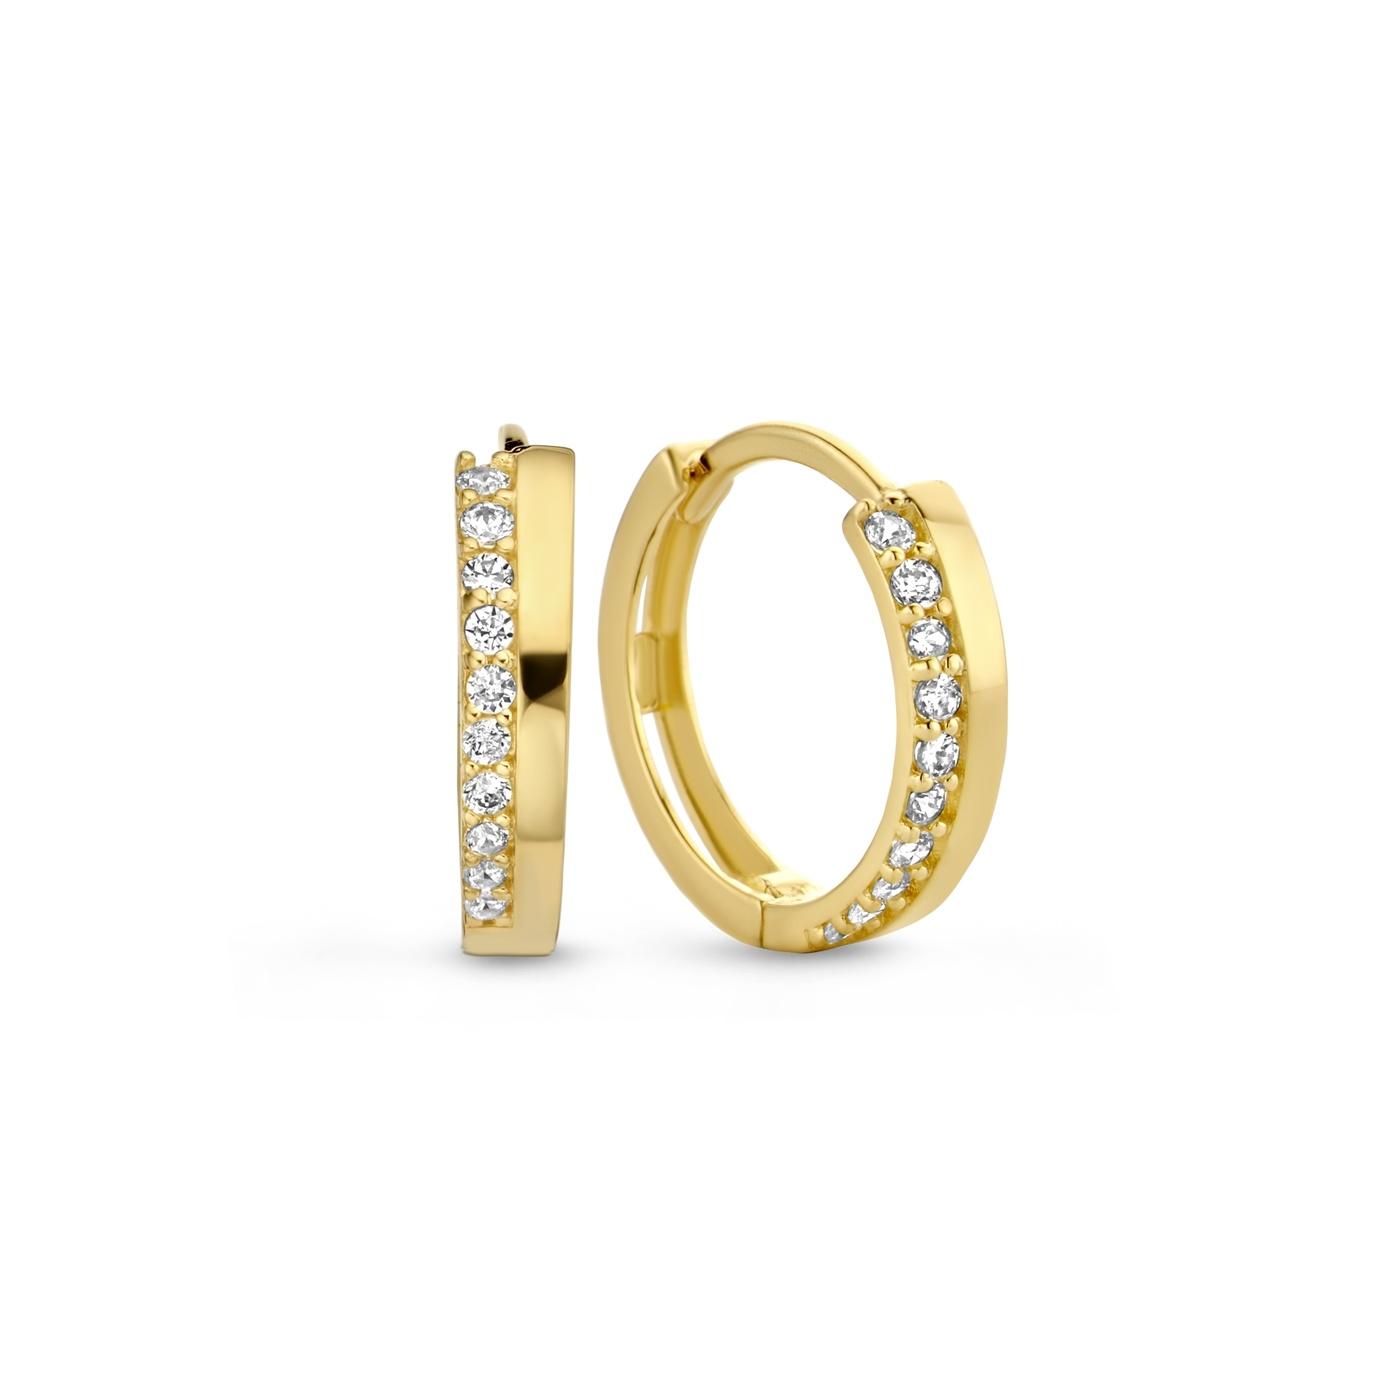 Isabel Bernard Orecchini a cerchio con zirconi in oro 14 carati Le Marais Louna